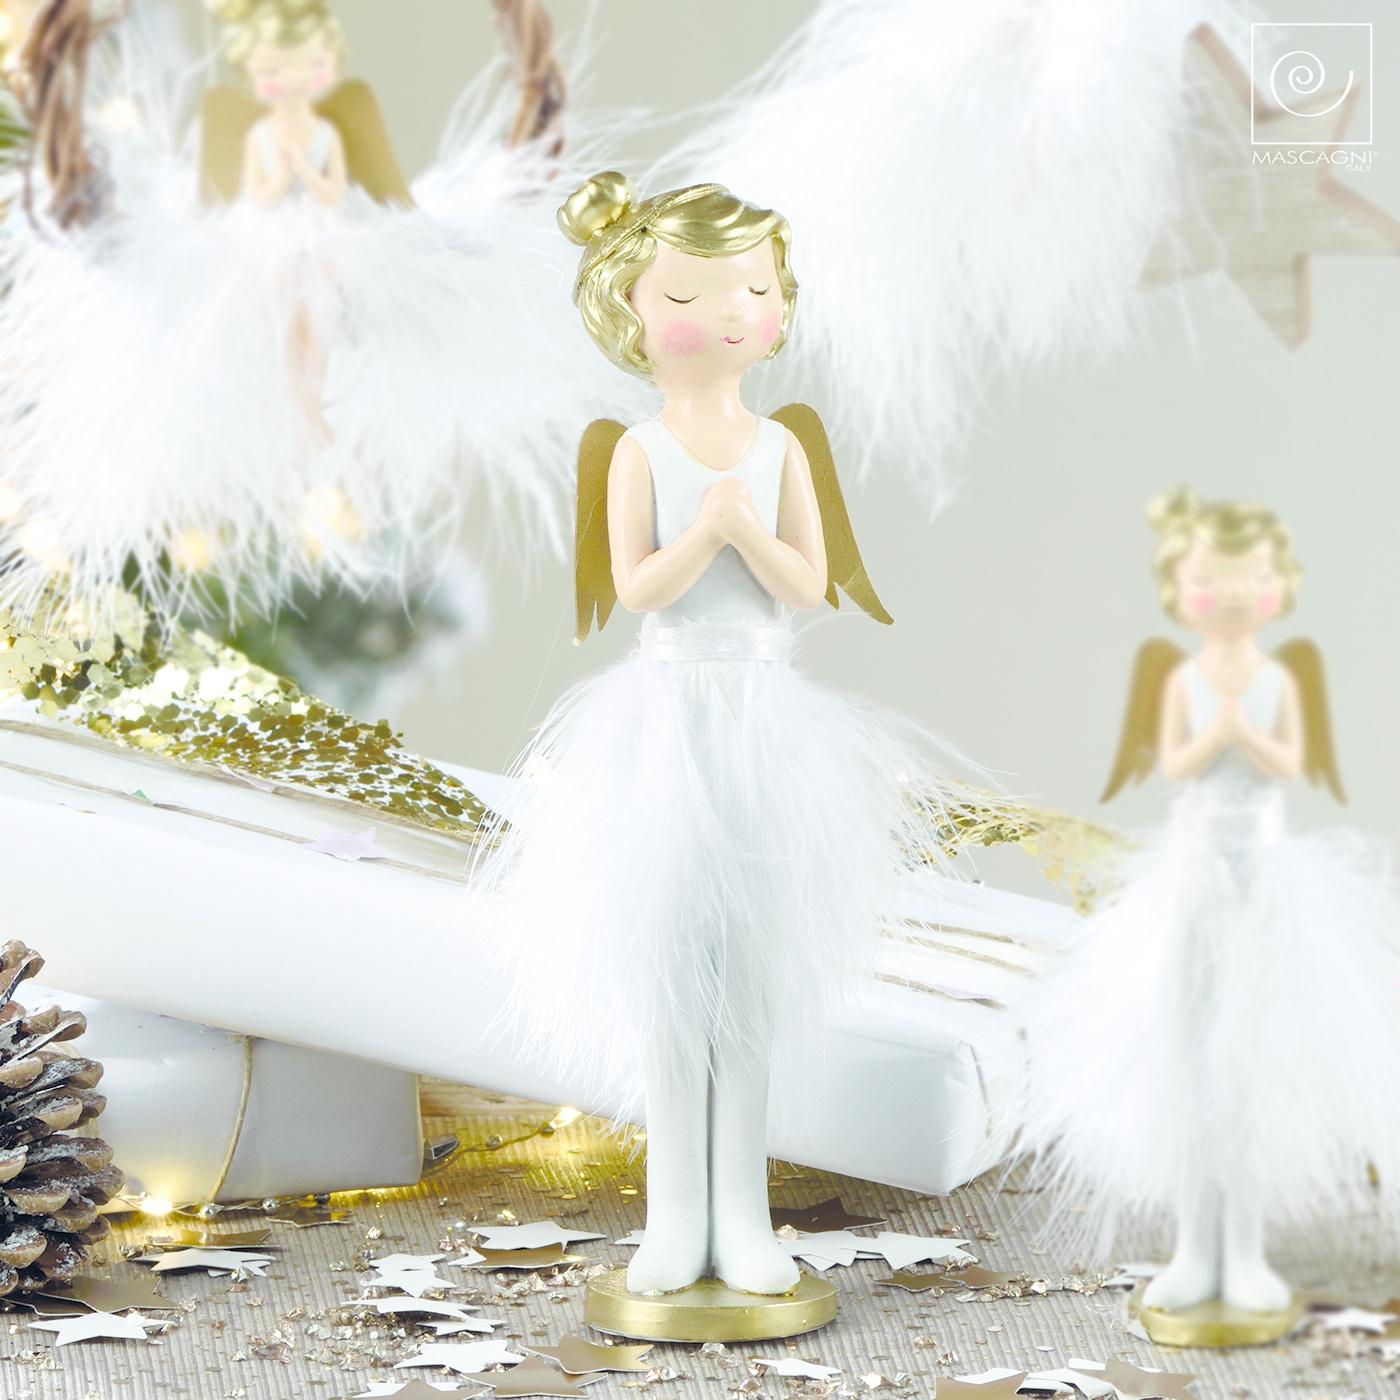 Art Mascagni SET 2 ANGEL